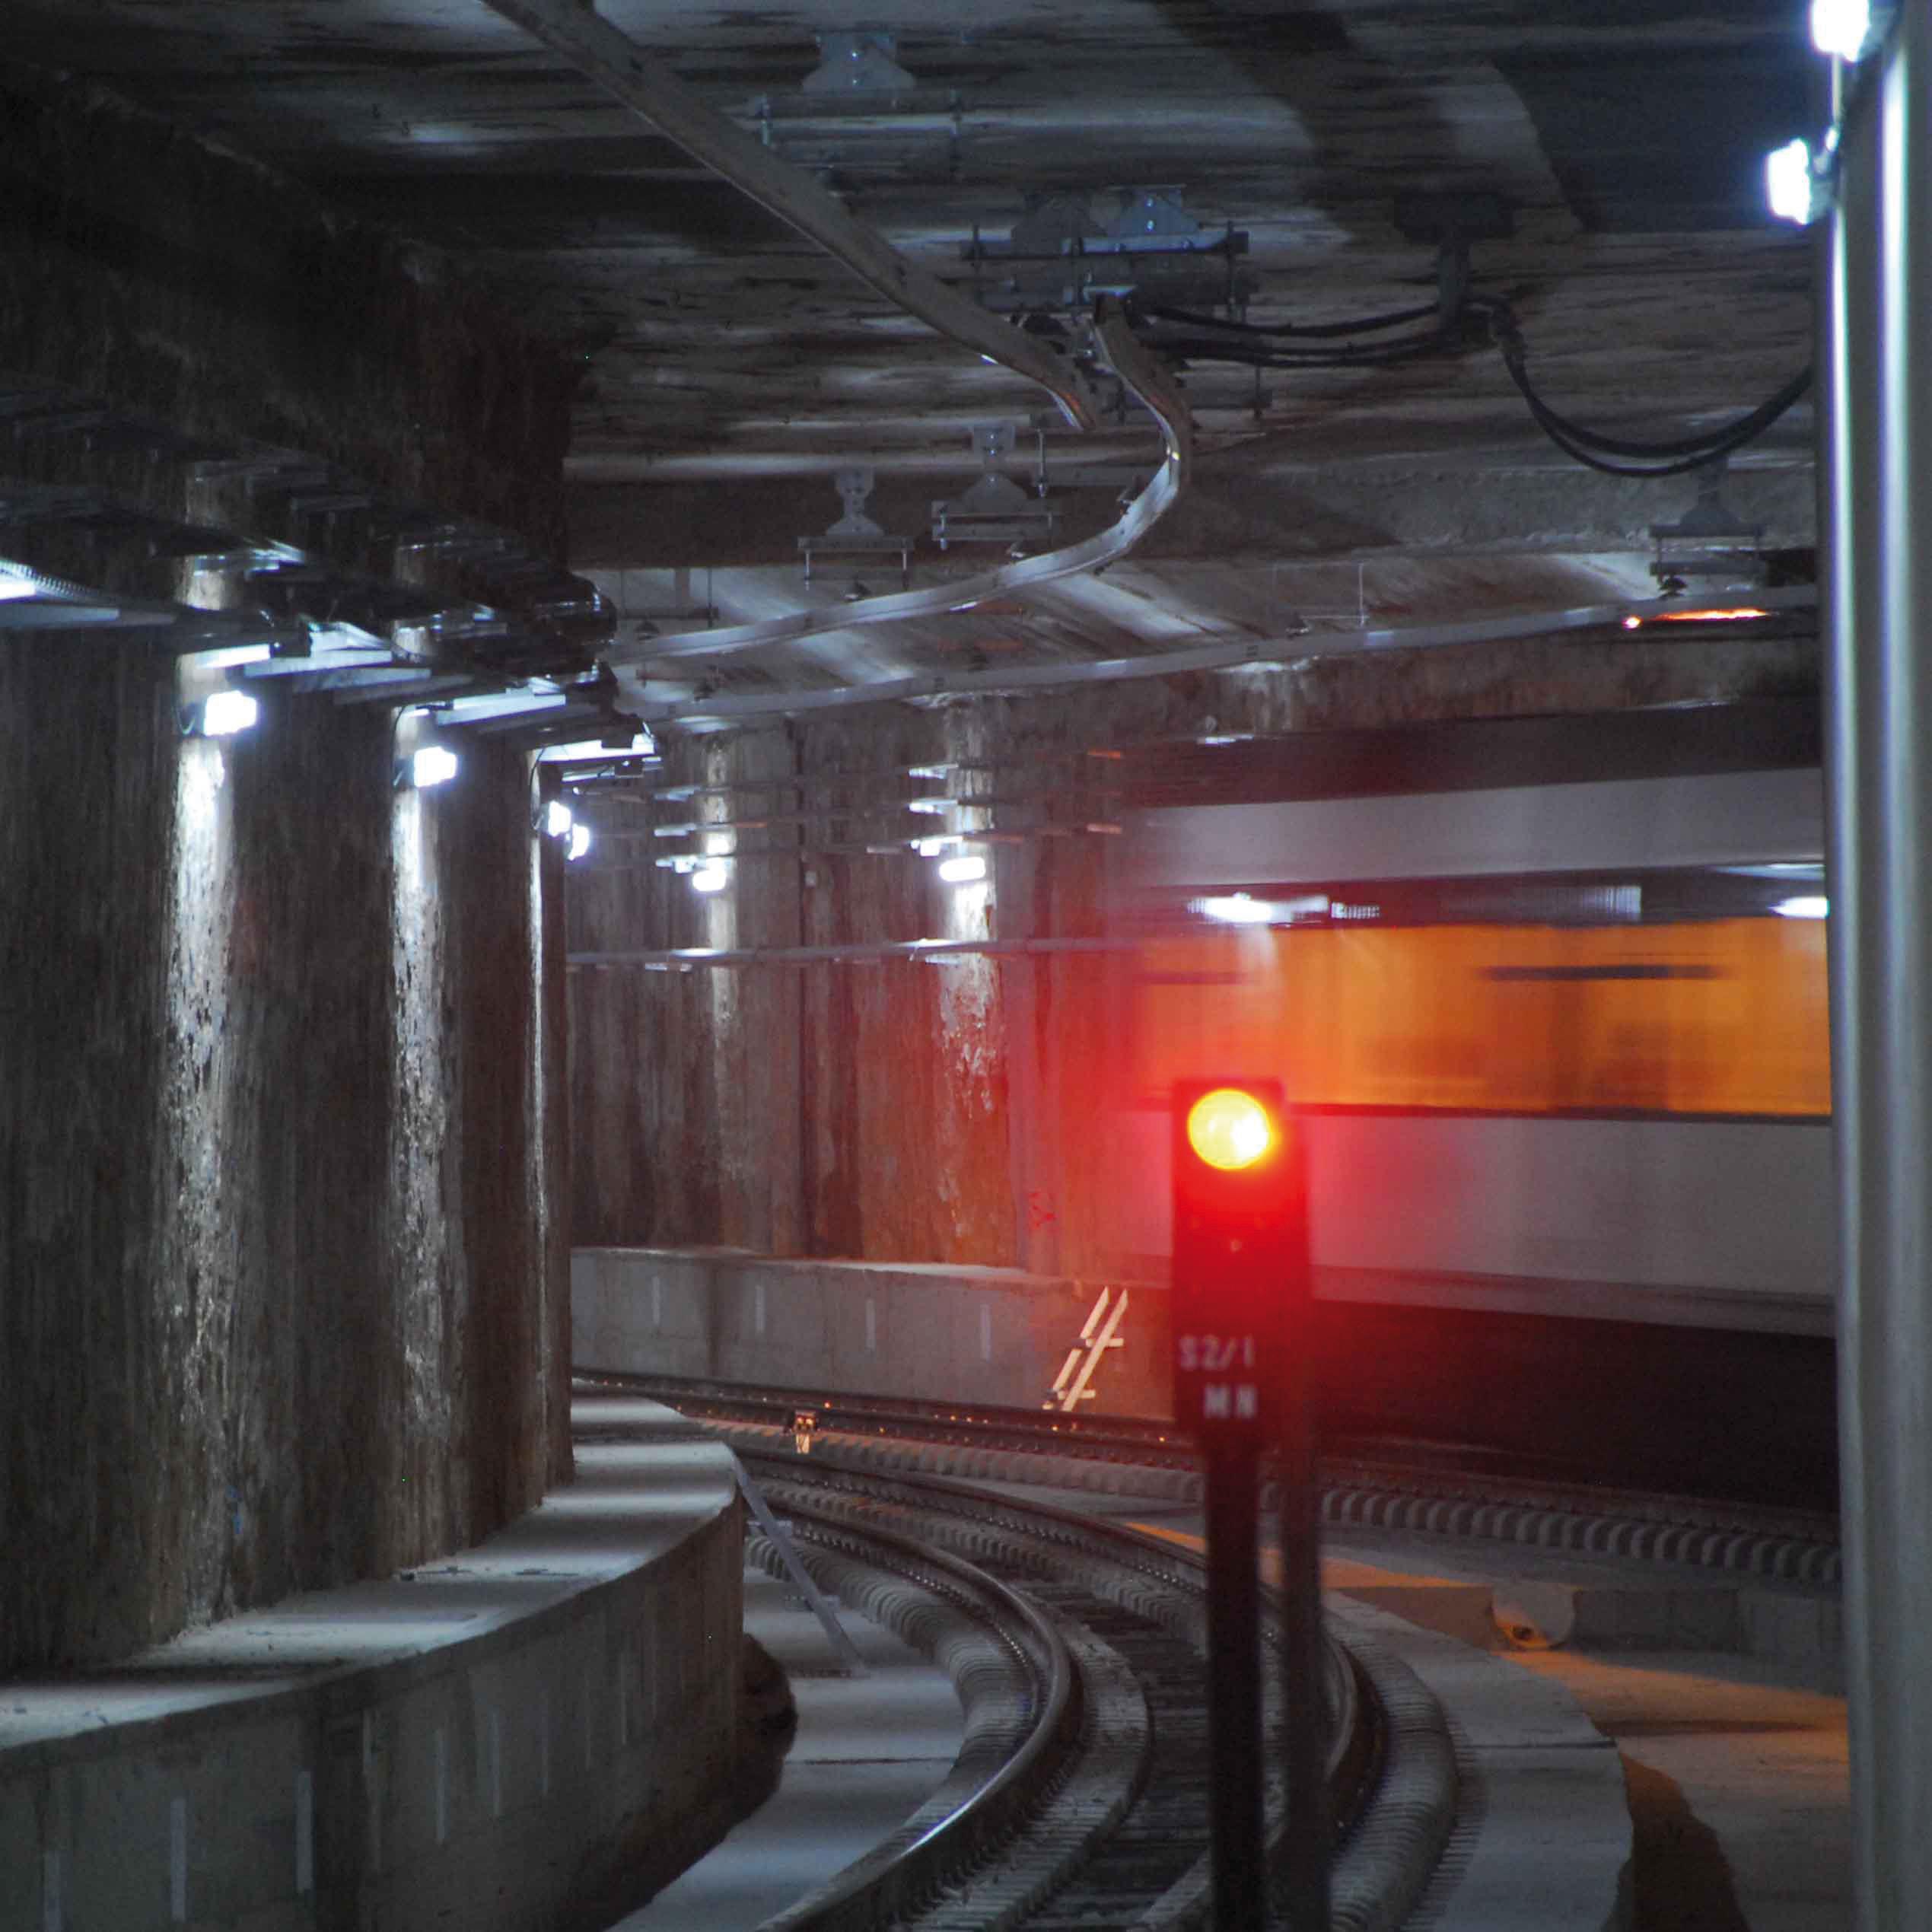 La Generalitat invertirá 3,5 millones de euros en renovar las instalaciones de alta tensión del tramo subterráneo de la L1 y L2 de Metrovalencia